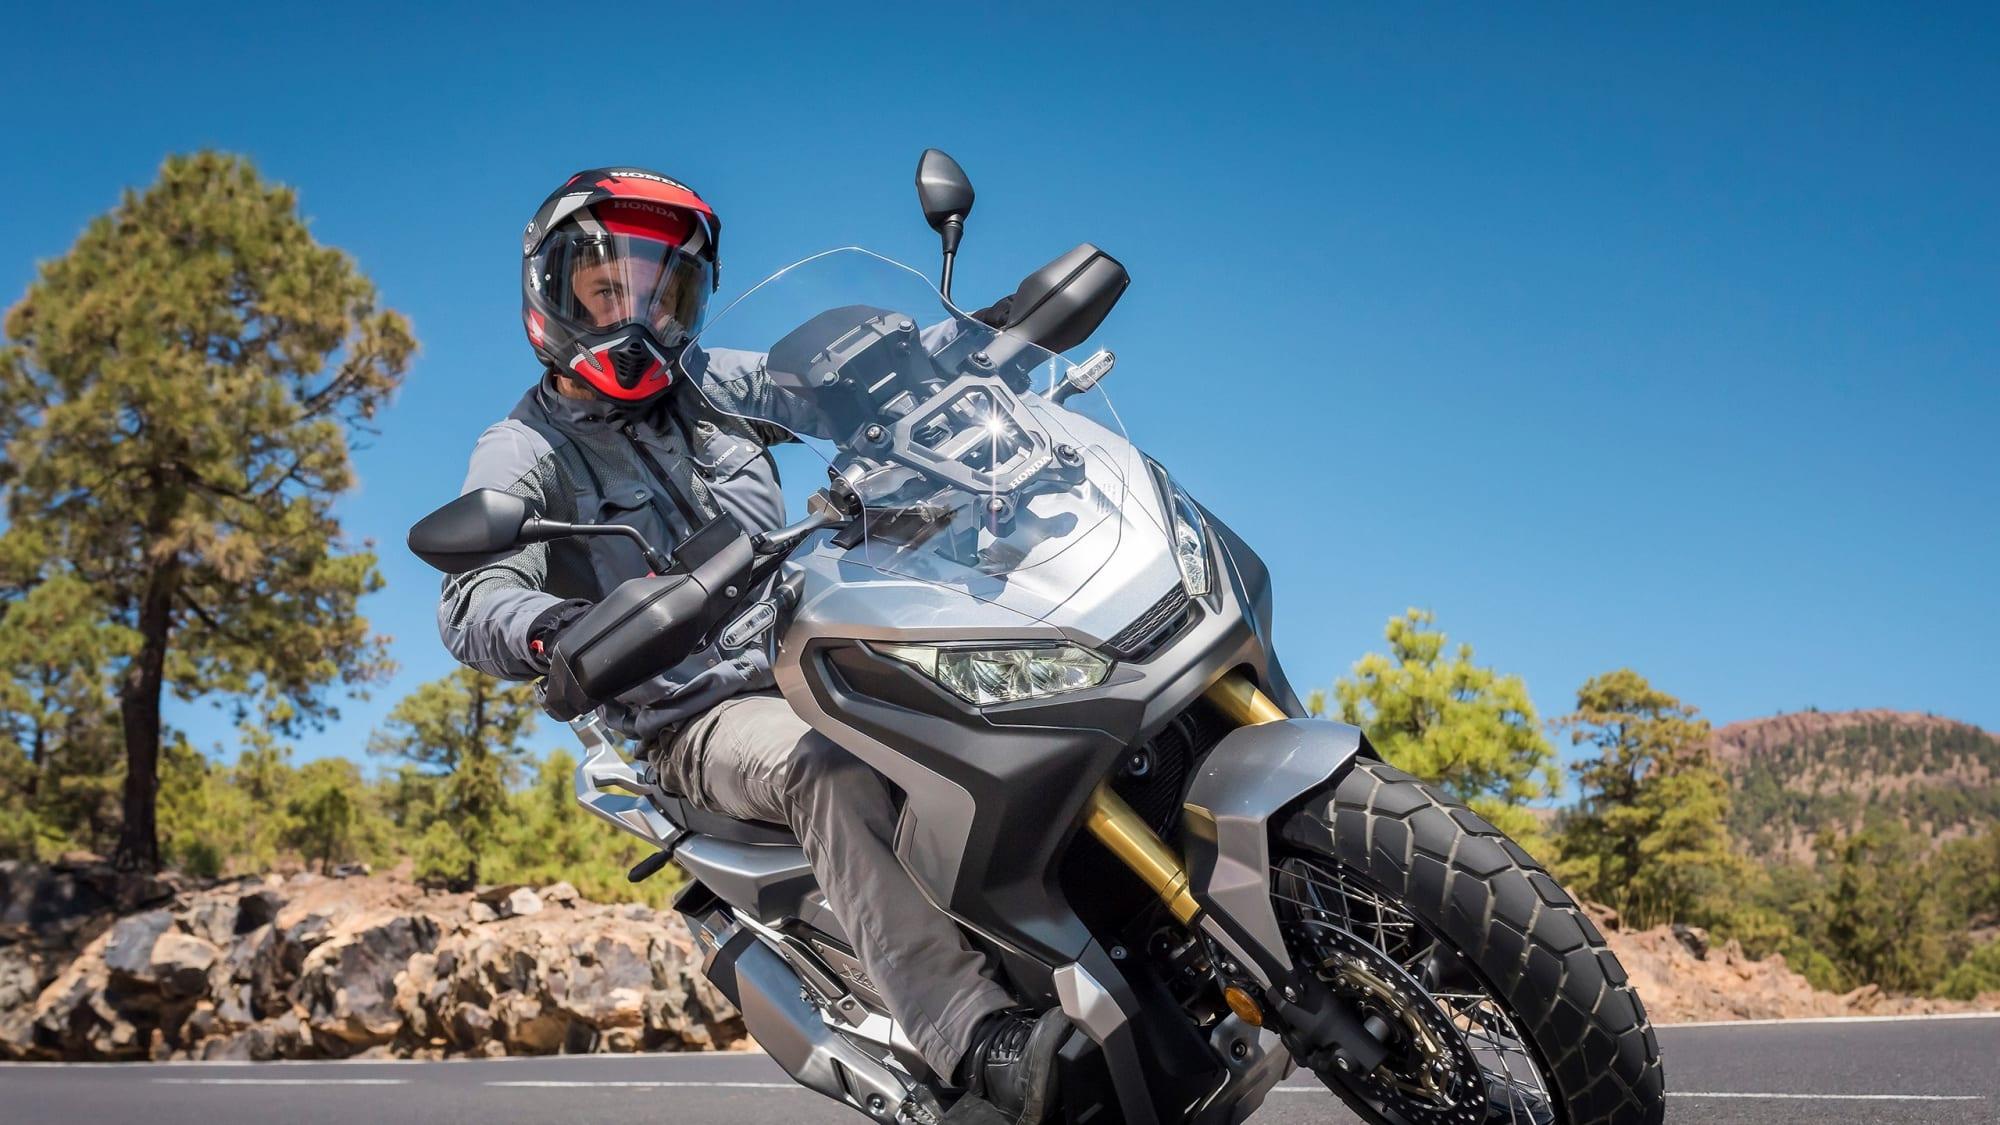 Honda X-ADV Modell 2018 in Fahrt